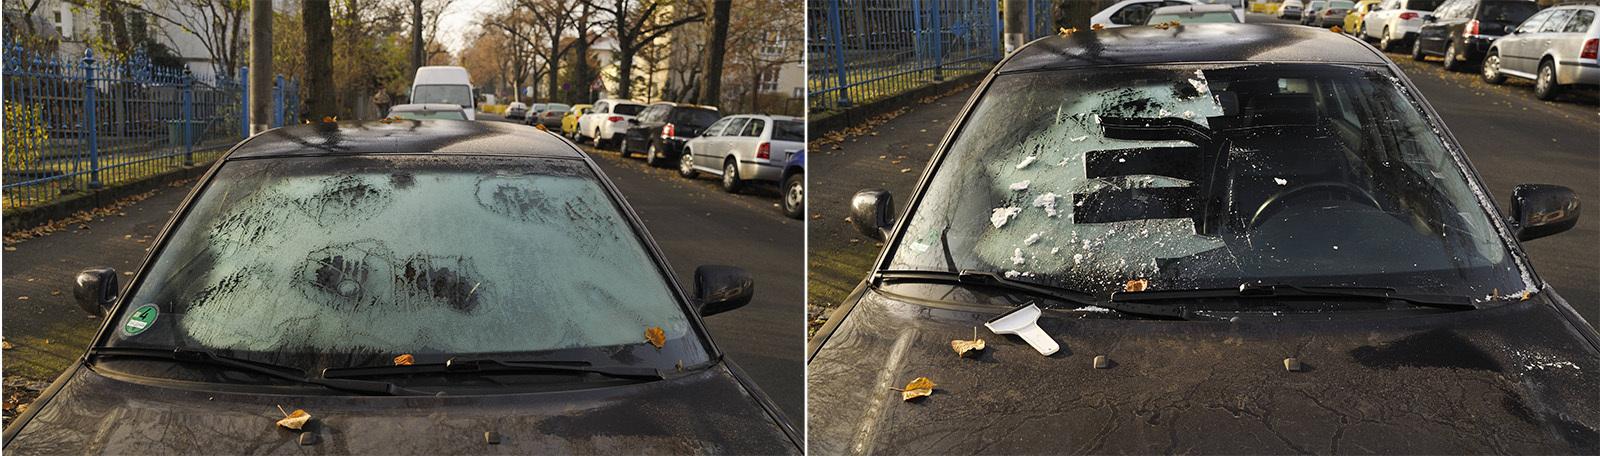 Reif im Herbst auf einem  Auto - ohne Kratzer und mit Kratzer